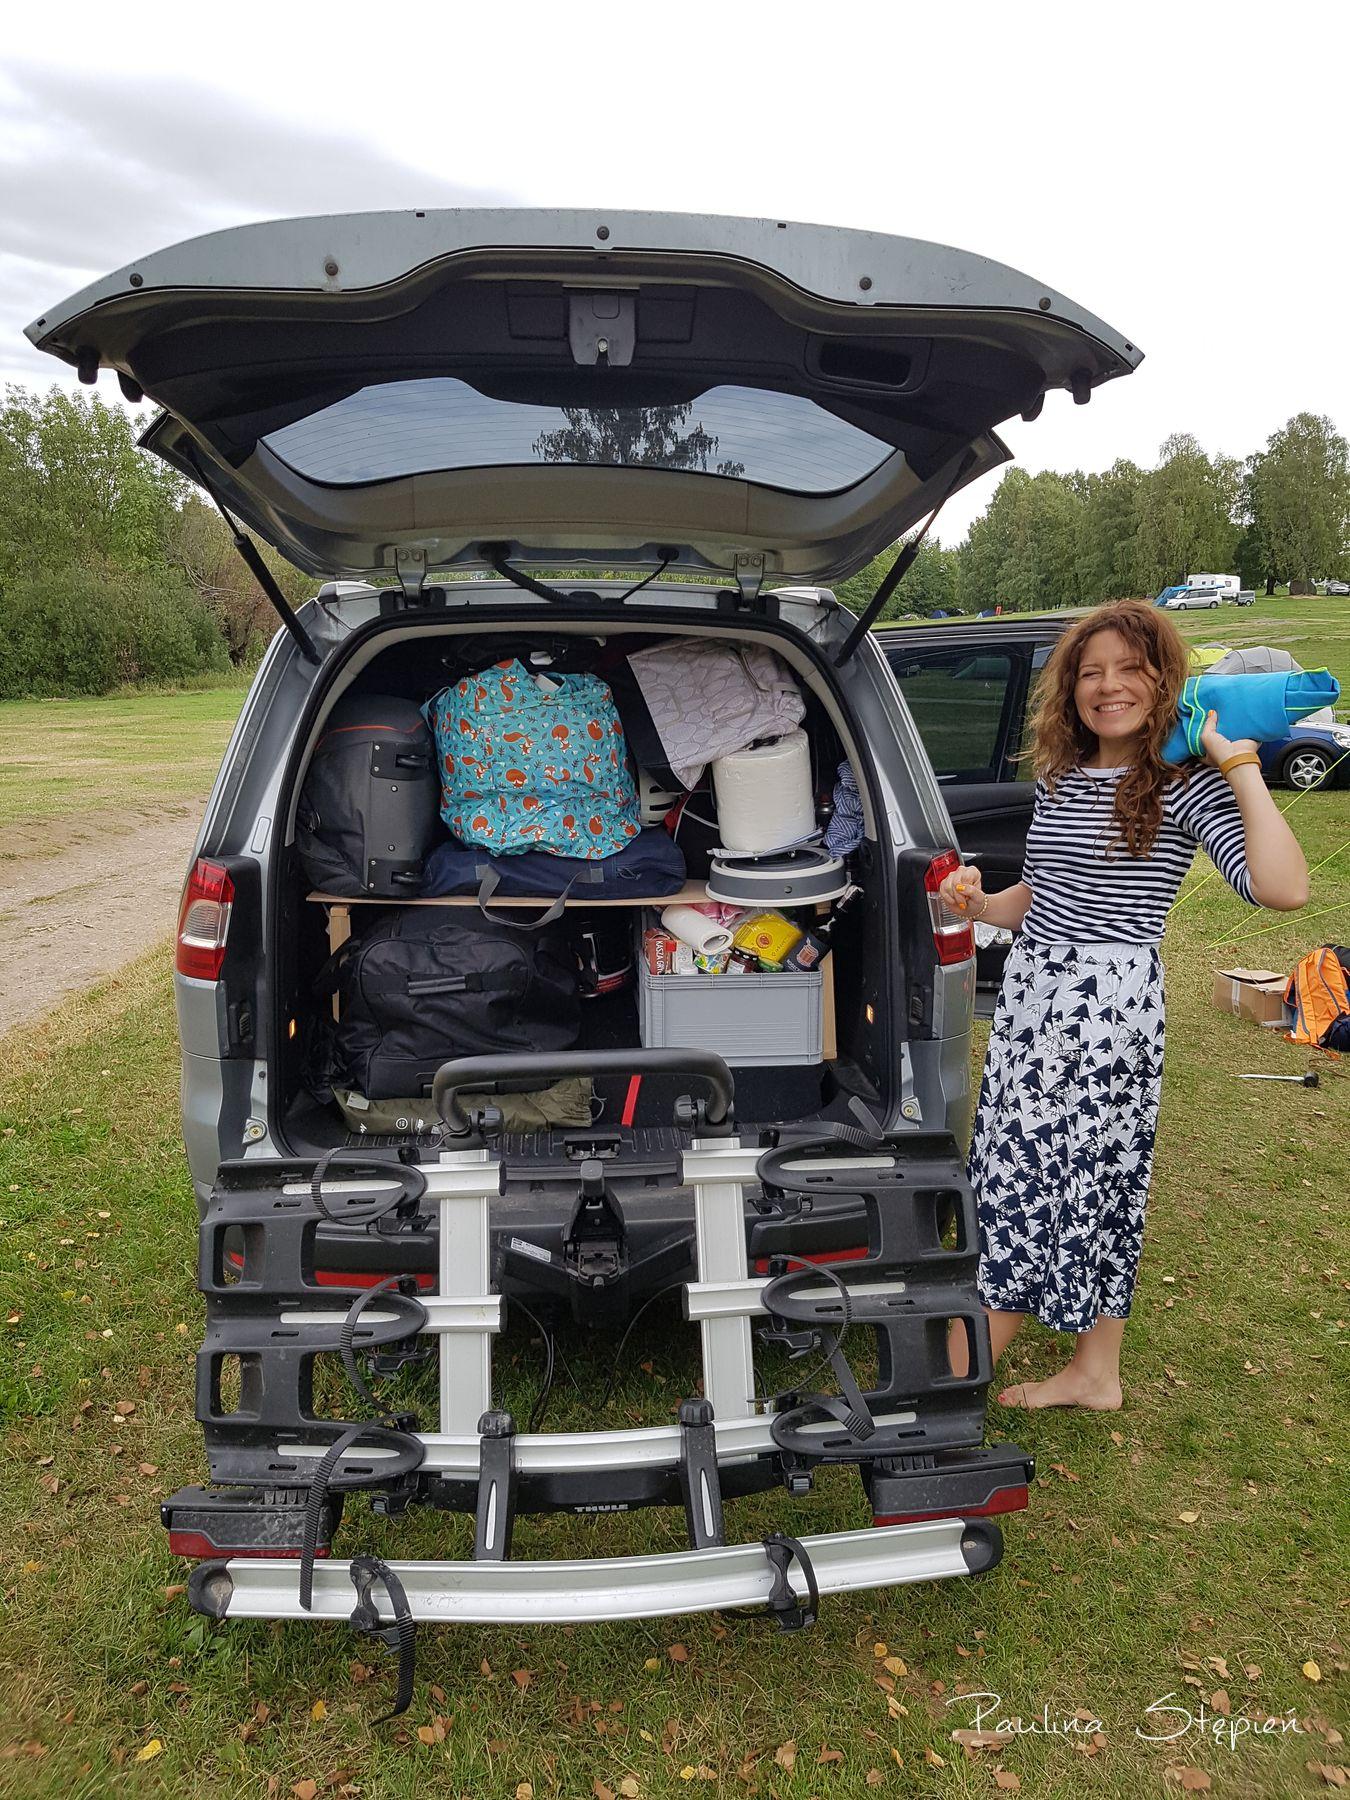 Nasz samochód spakowany na wakacje do Szwecji, w sumie bagażnik rowerowy też był :)